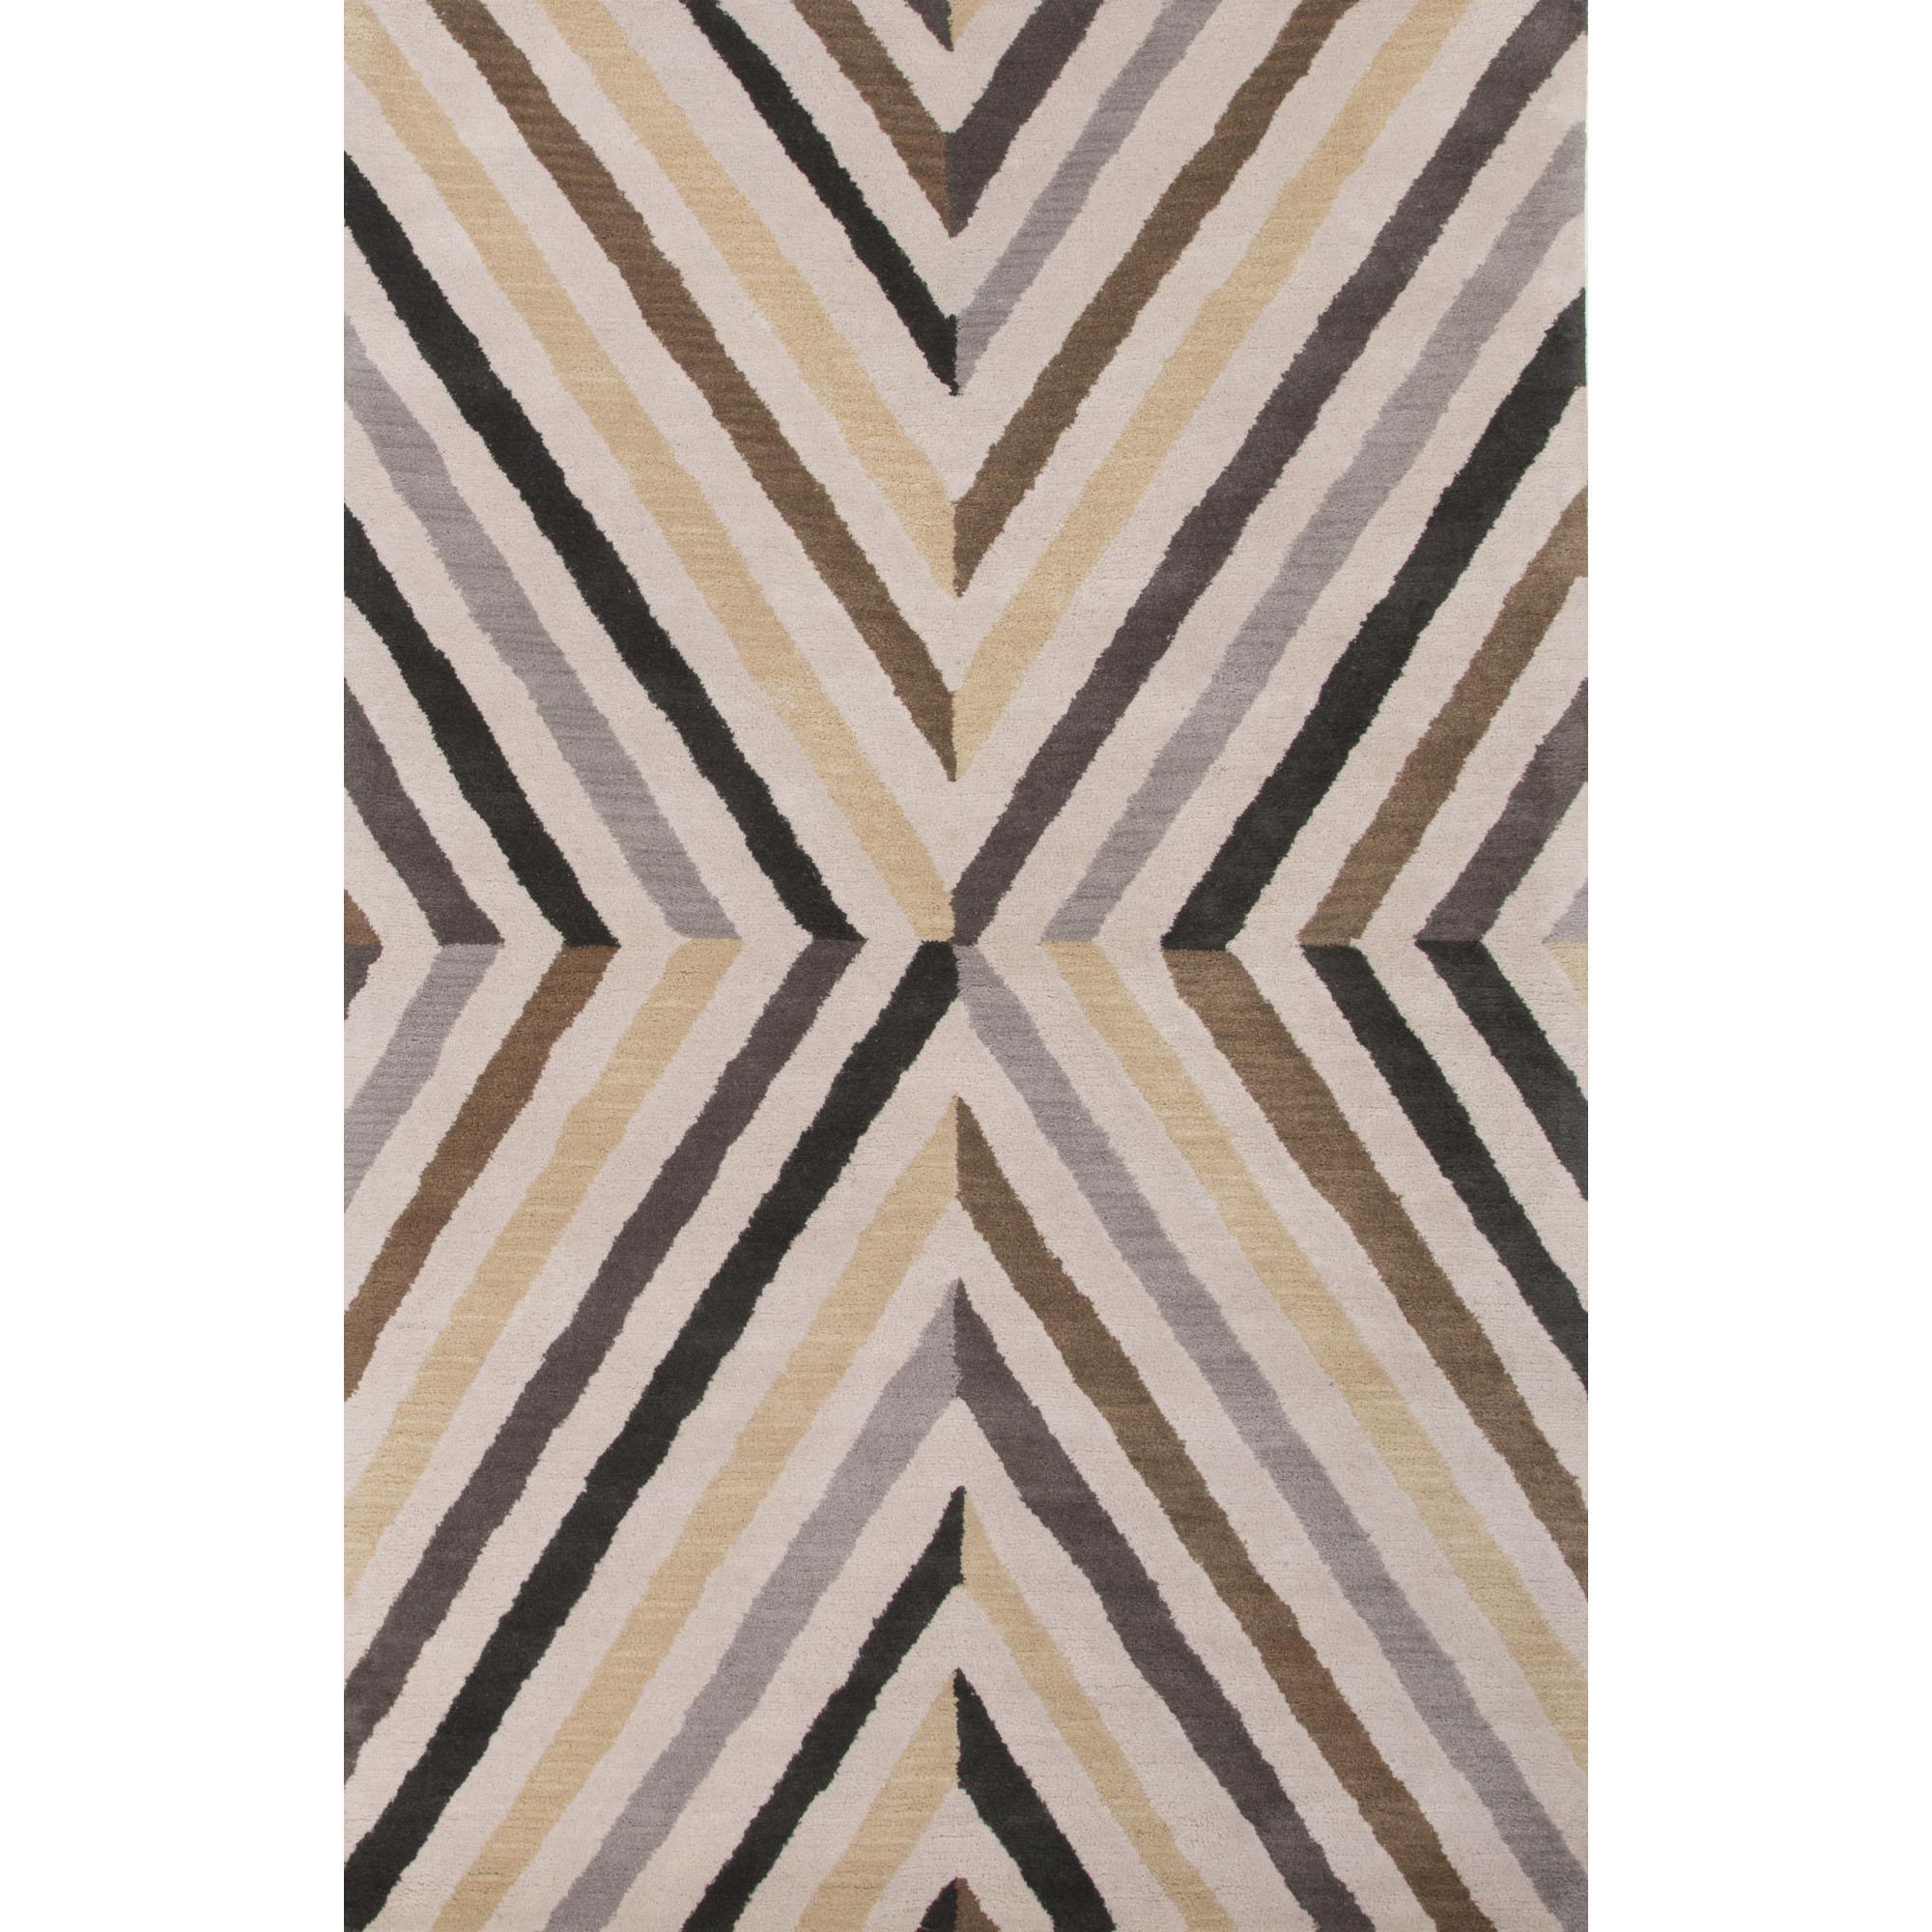 En Casa By Luli Sanchez Tufted 5 x 8 Rug by JAIPUR Living at Jacksonville Furniture Mart